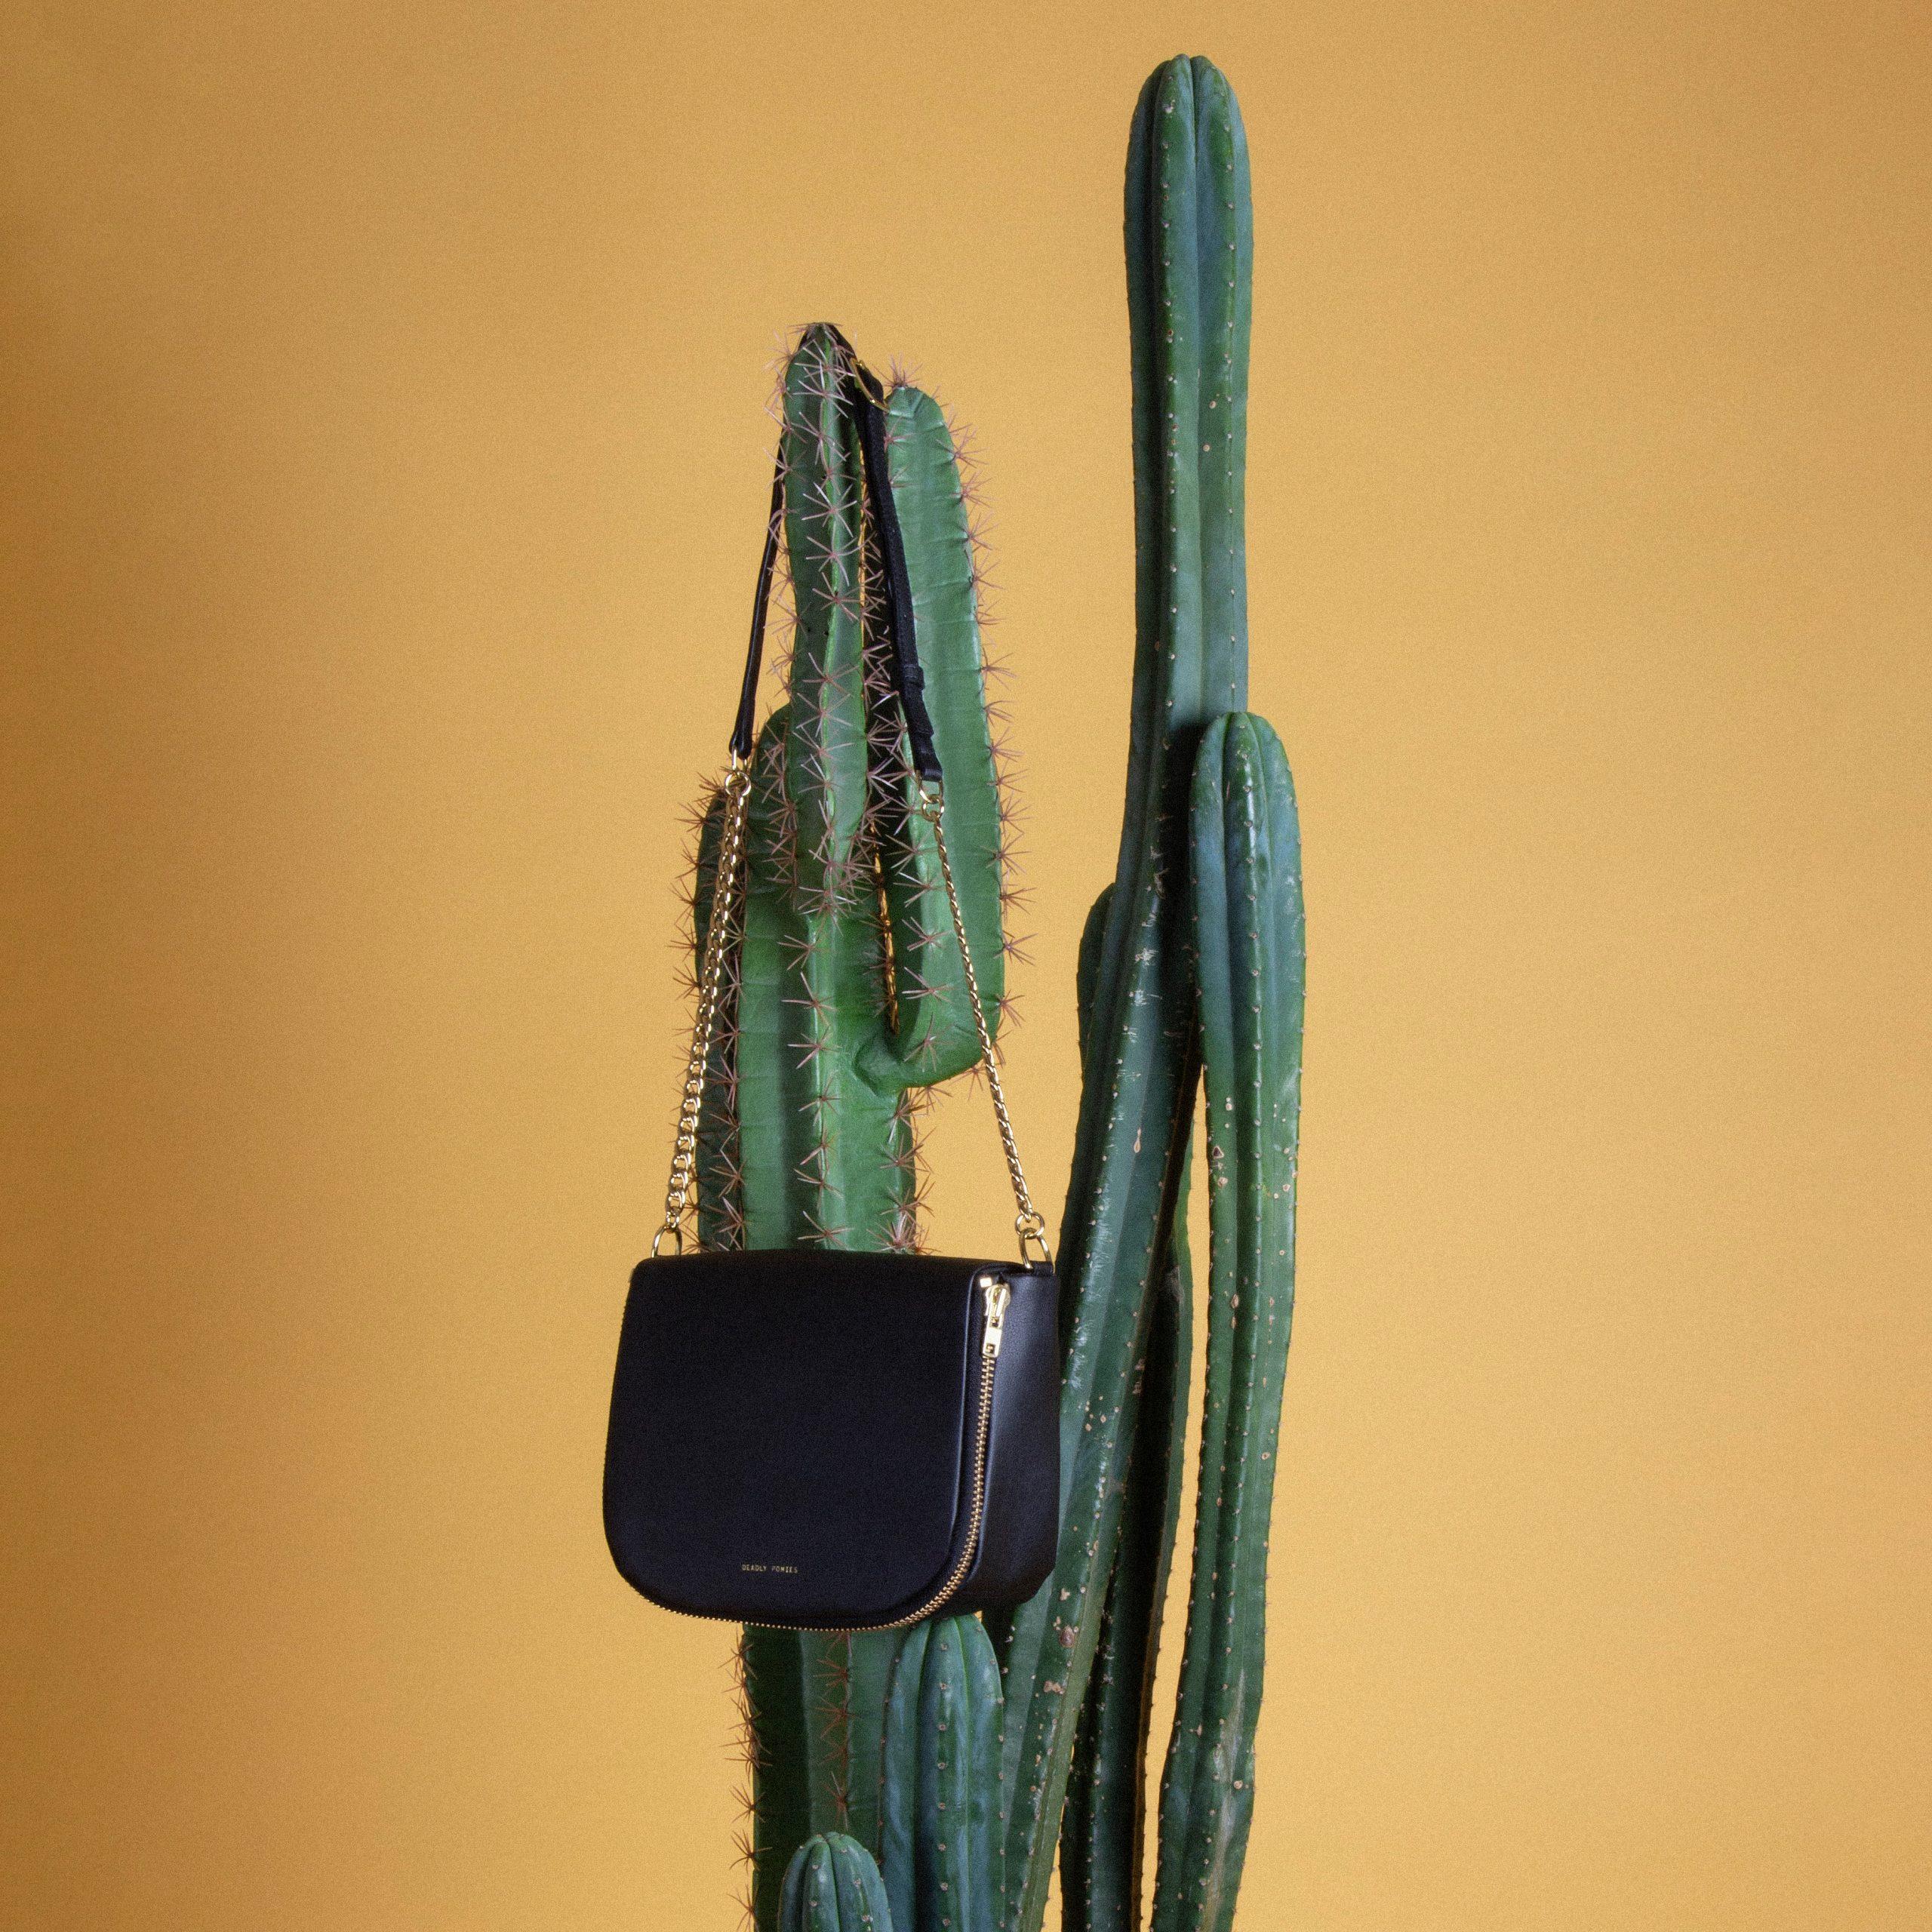 Mini-Chain-Mail-Sqaure